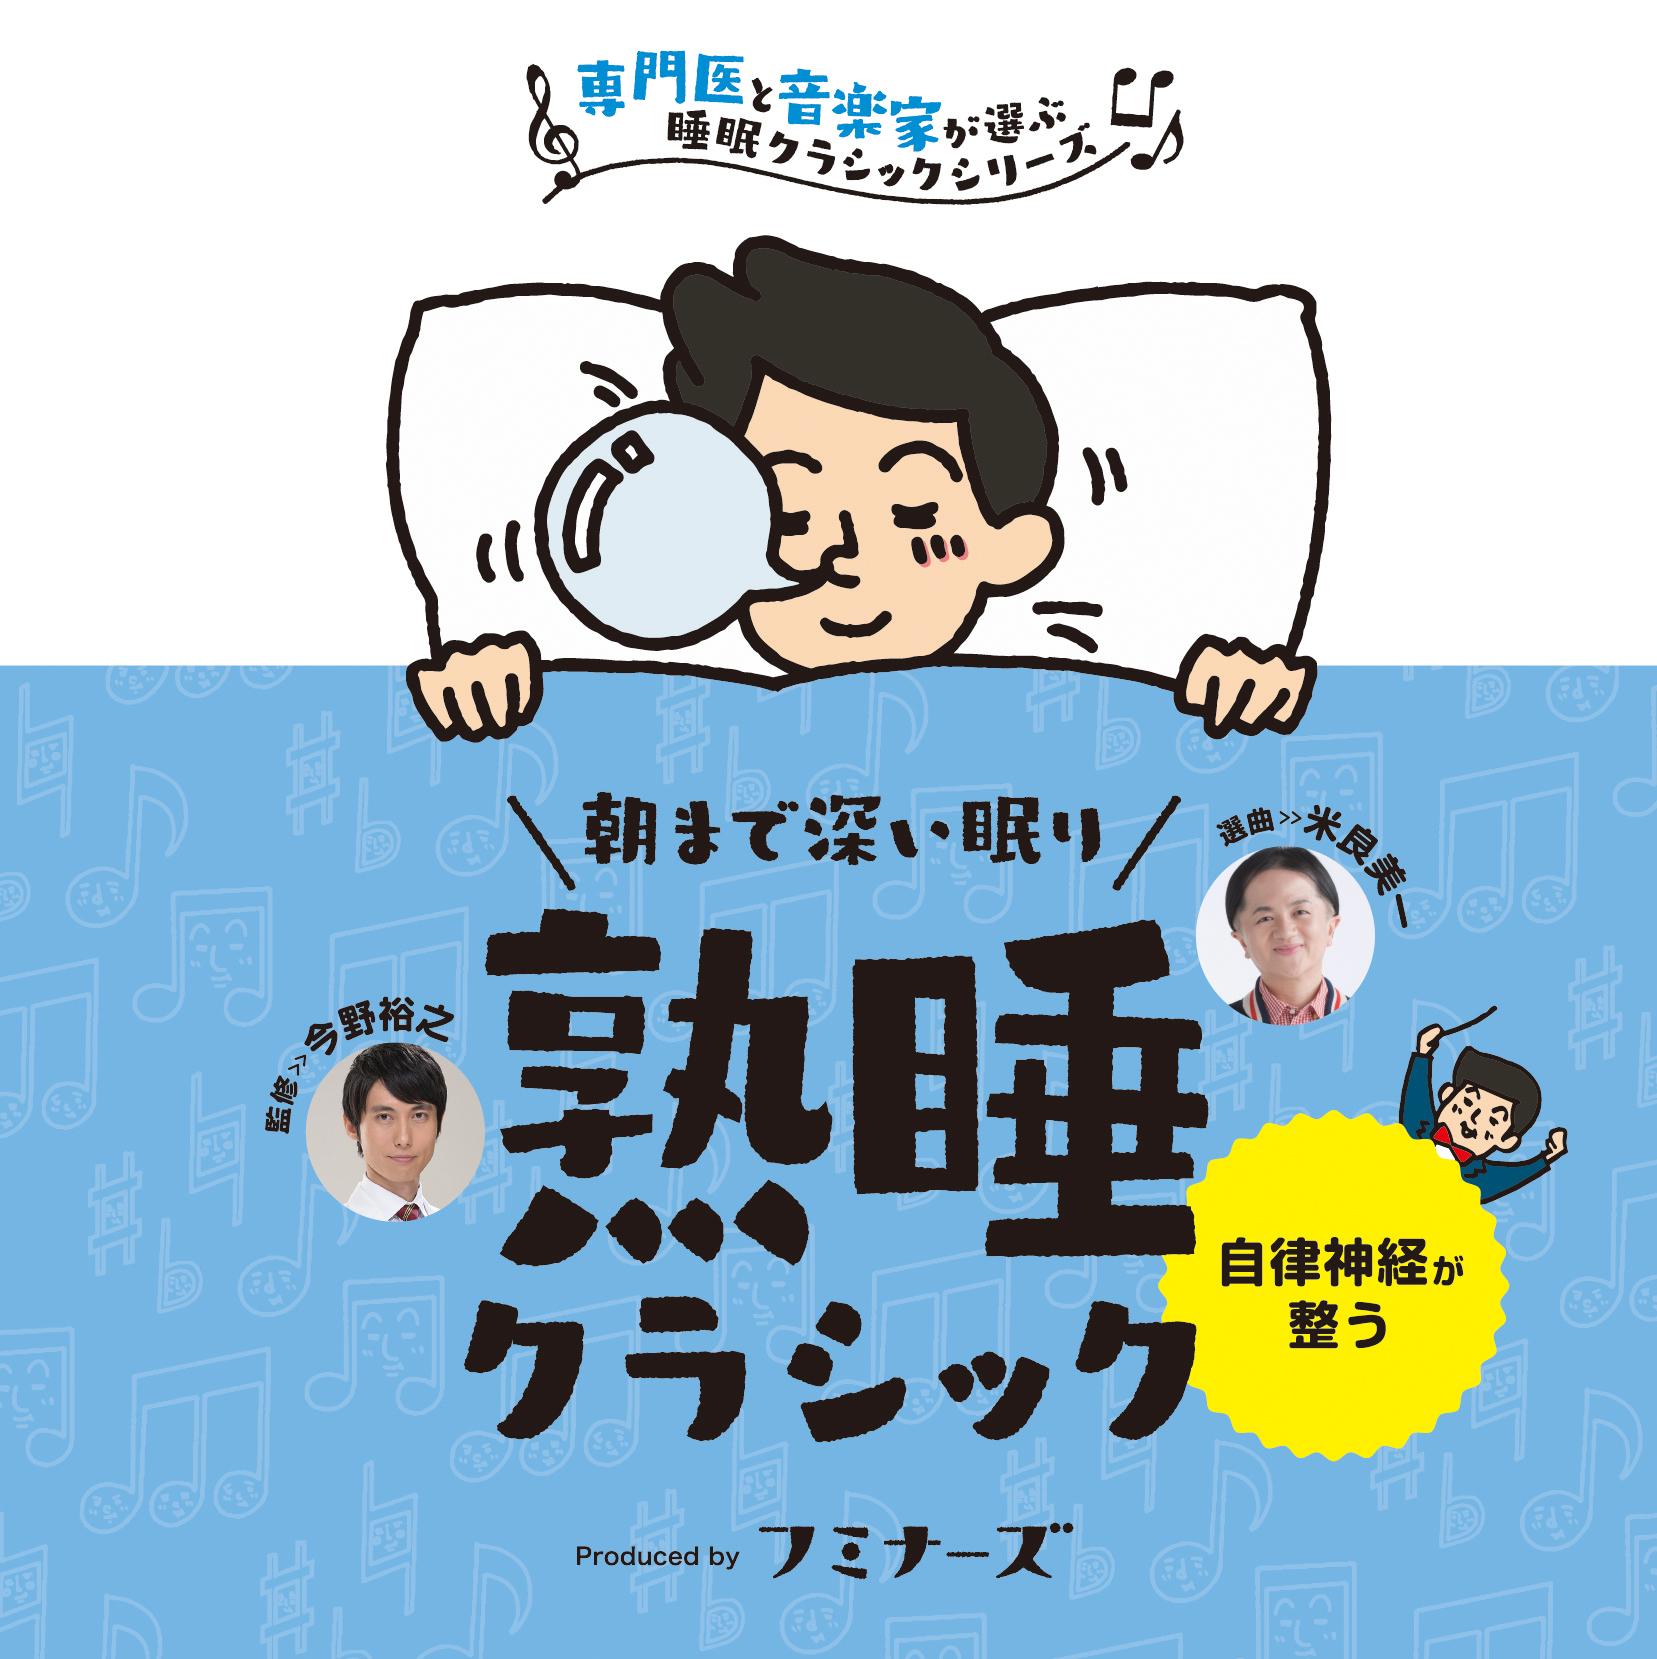 朝まで深い眠り 熟睡クラシック